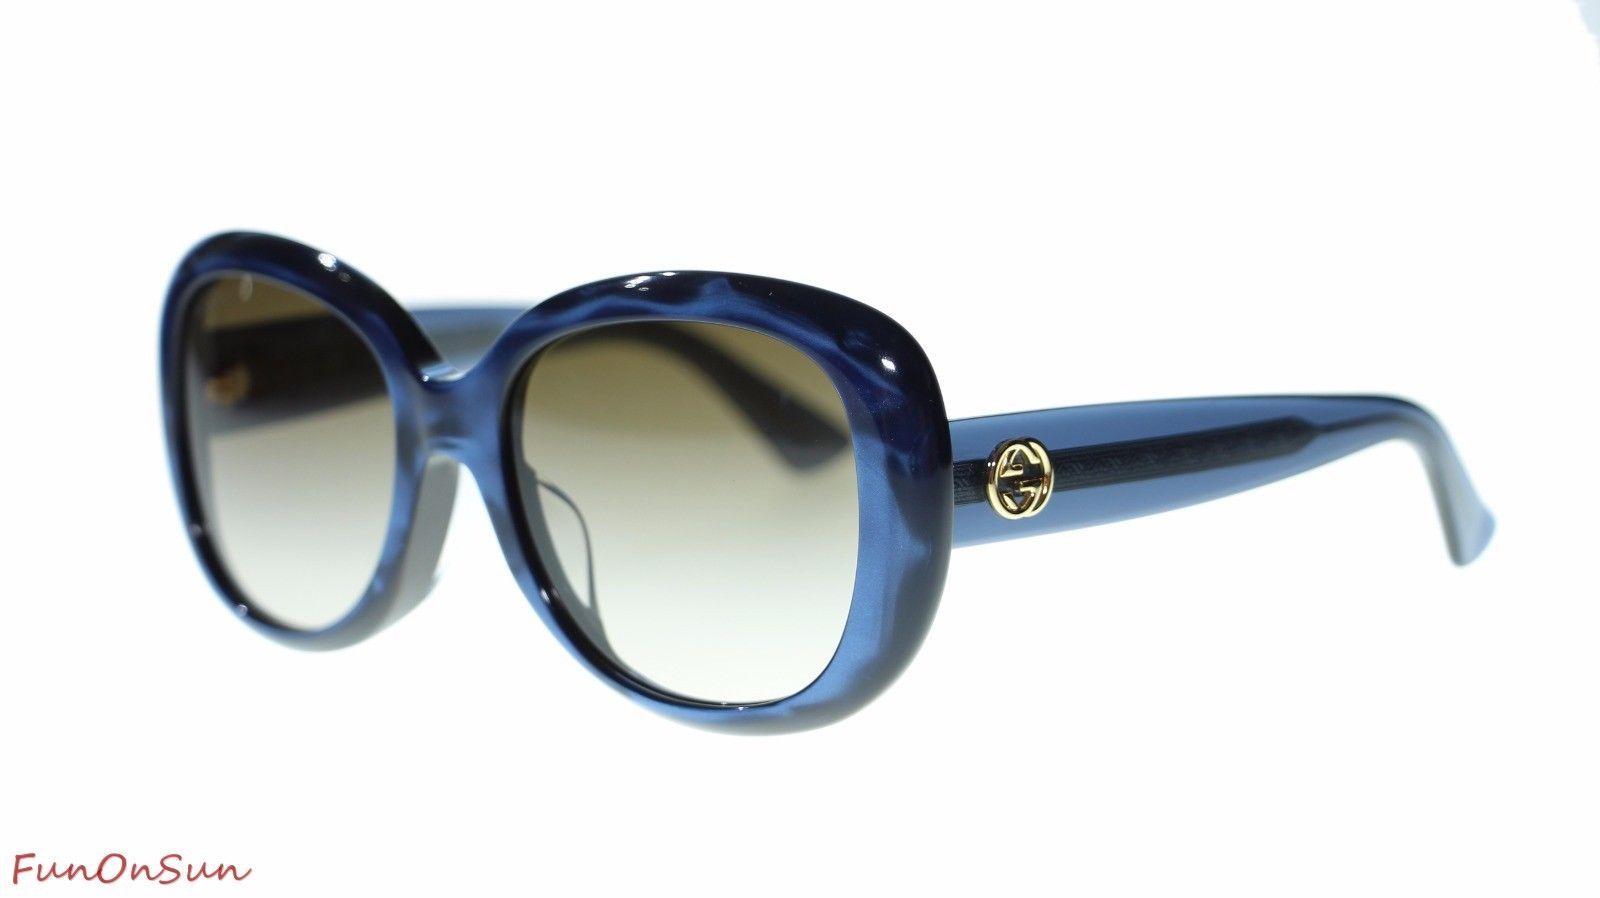 Gucci Eyeglasses 4214: 56 listings